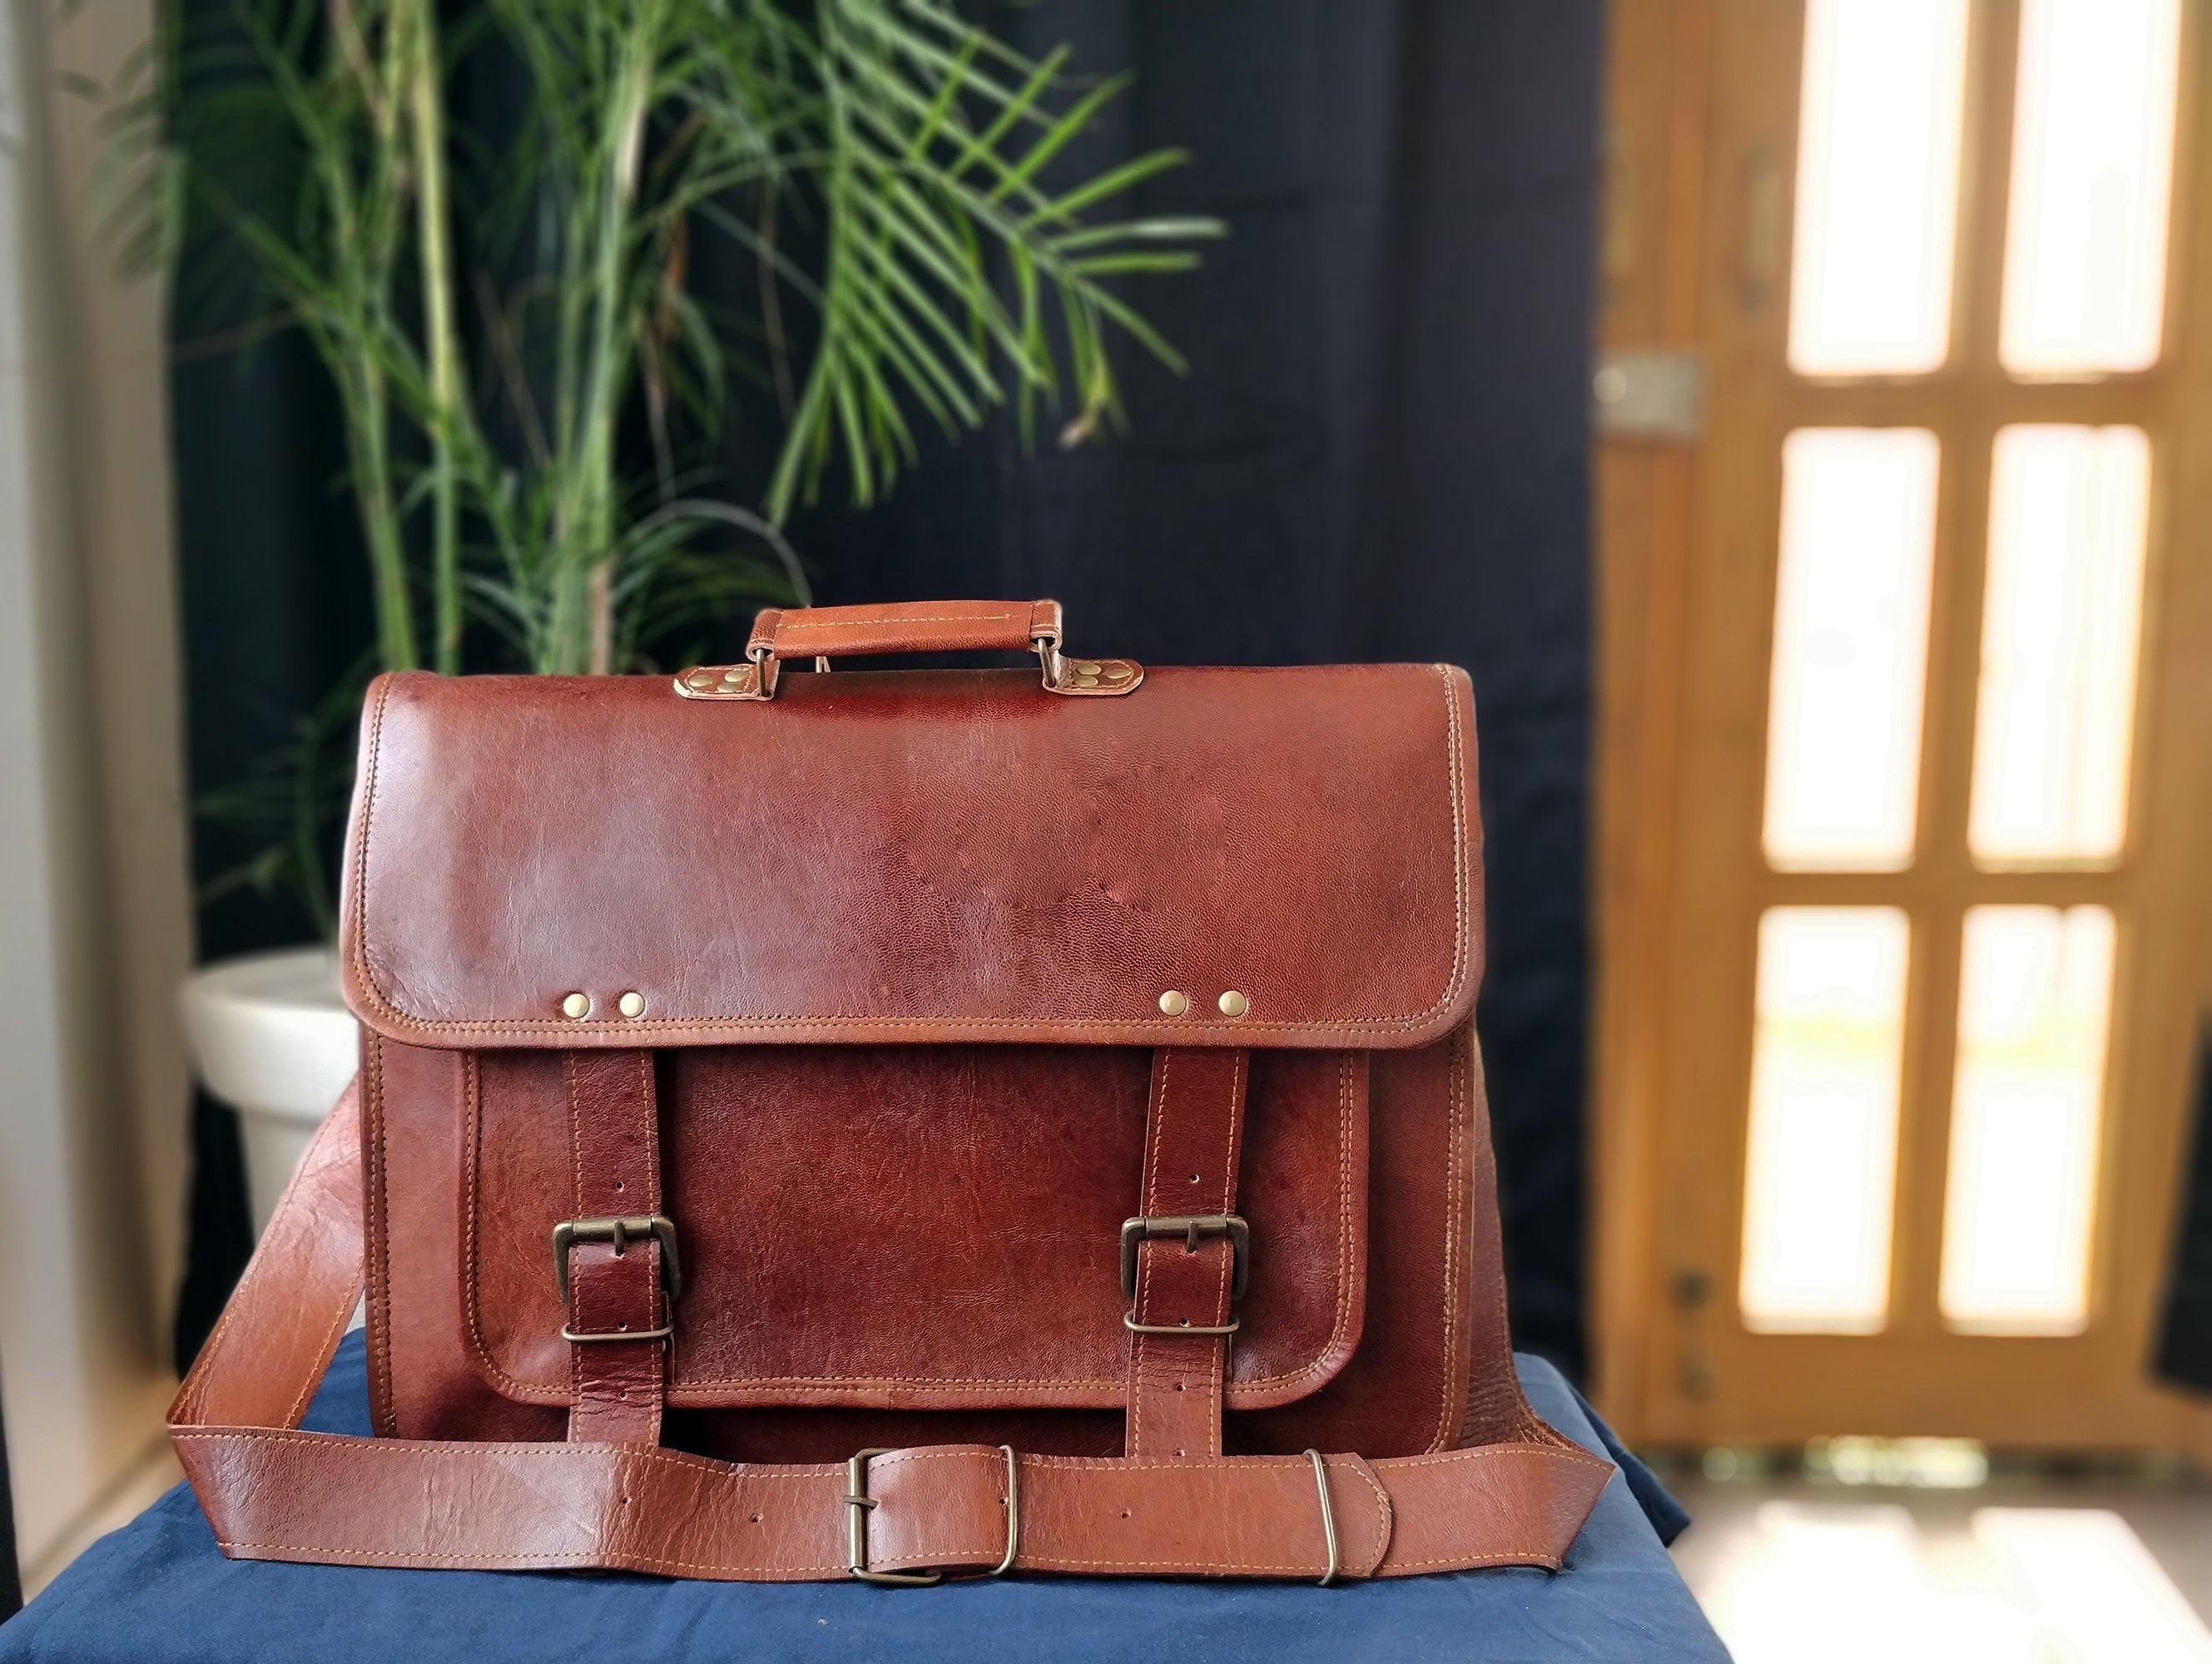 Office Briefcase 18 Vintage Leather Messenger Crossbody Laptop Bag Best Mothers Father Day Gift Rustic Bag Travel Shoulder Handbag